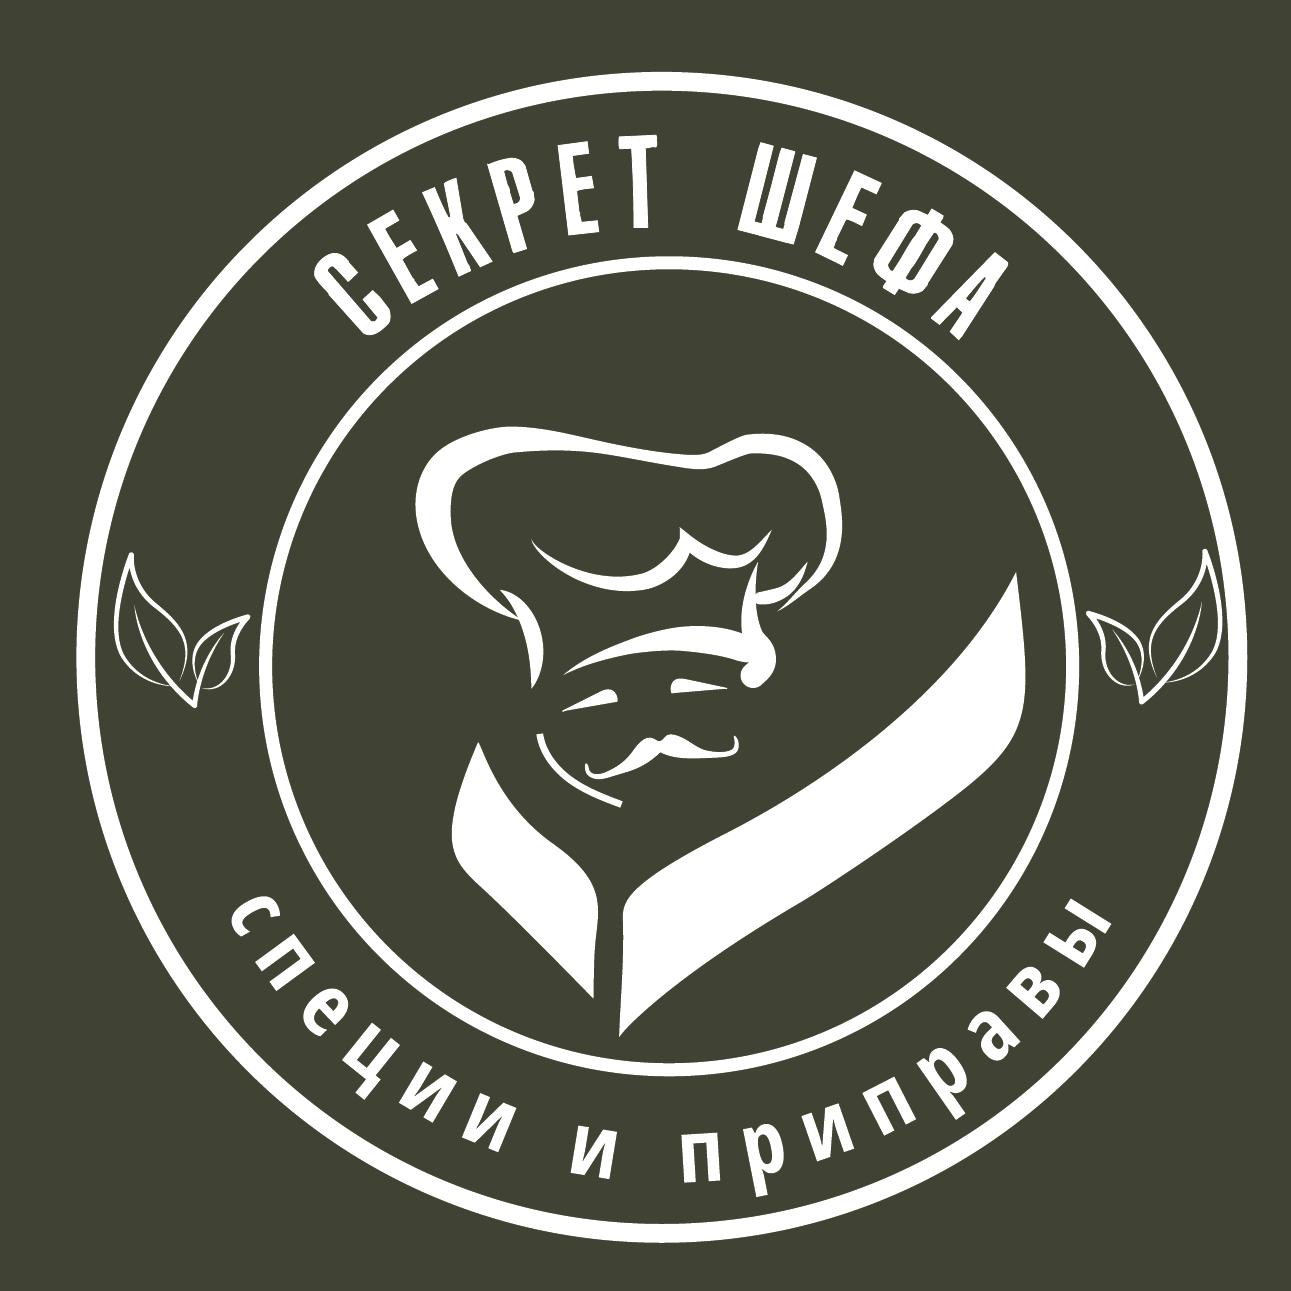 Логотип для марки специй и приправ Секрет Шефа фото f_9445f444428ae8a2.png